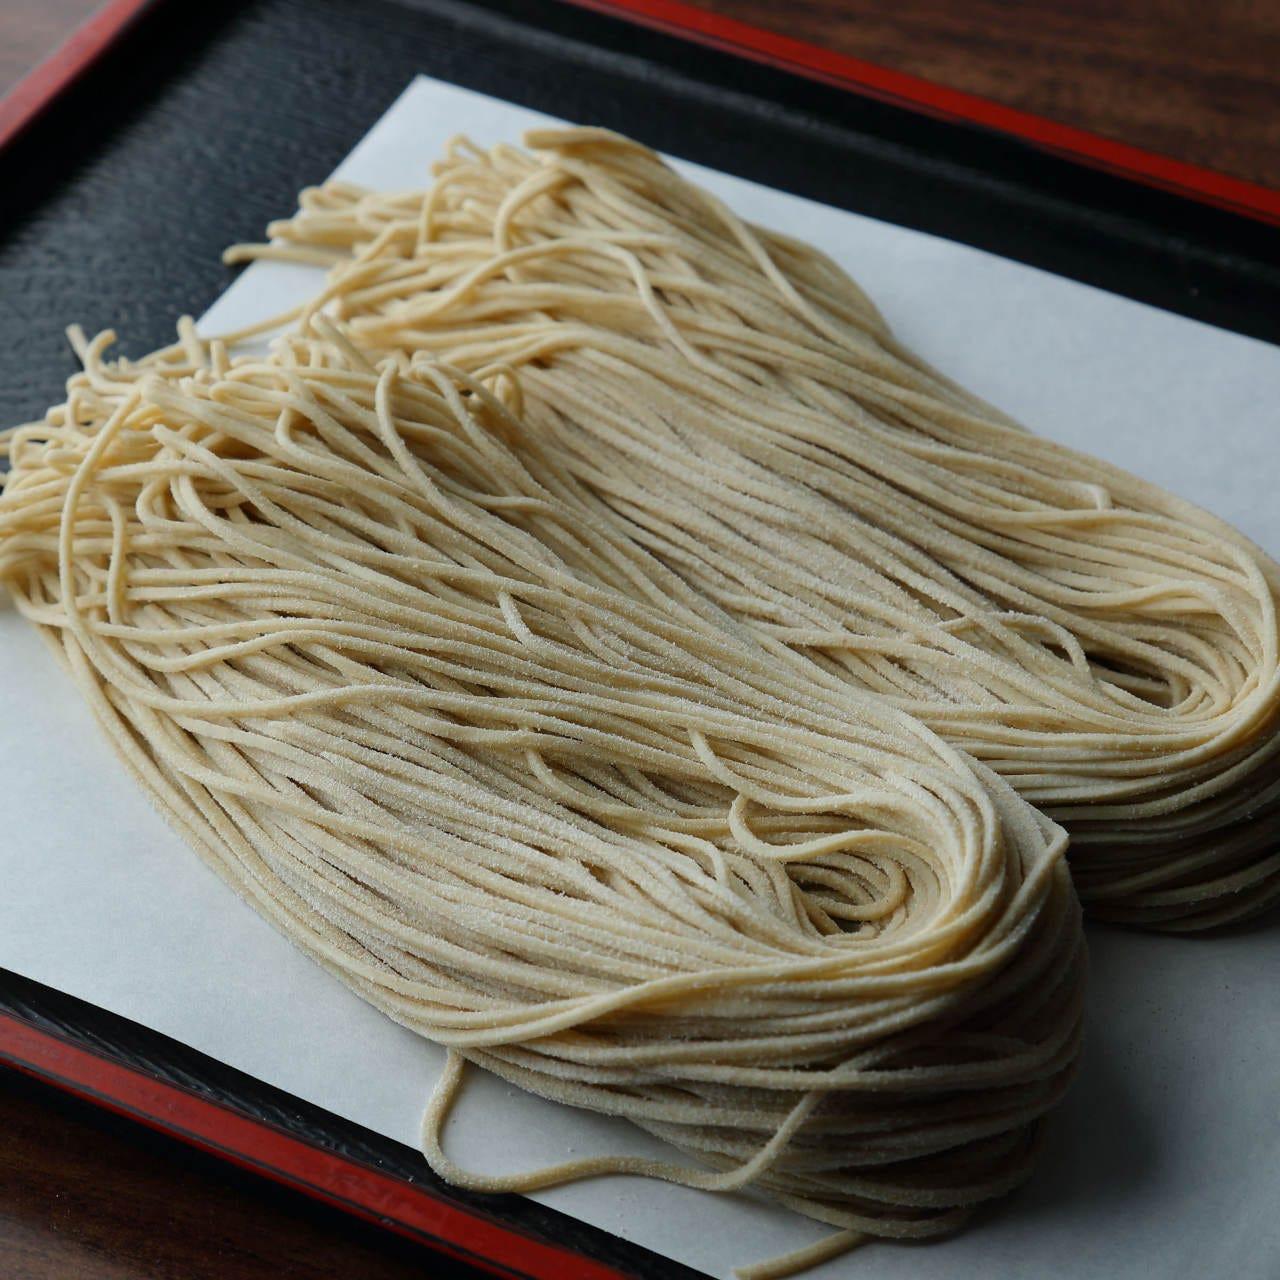 国産蕎麦粉とこだわりの製法で打つ自家製蕎麦は香り高いのが特長